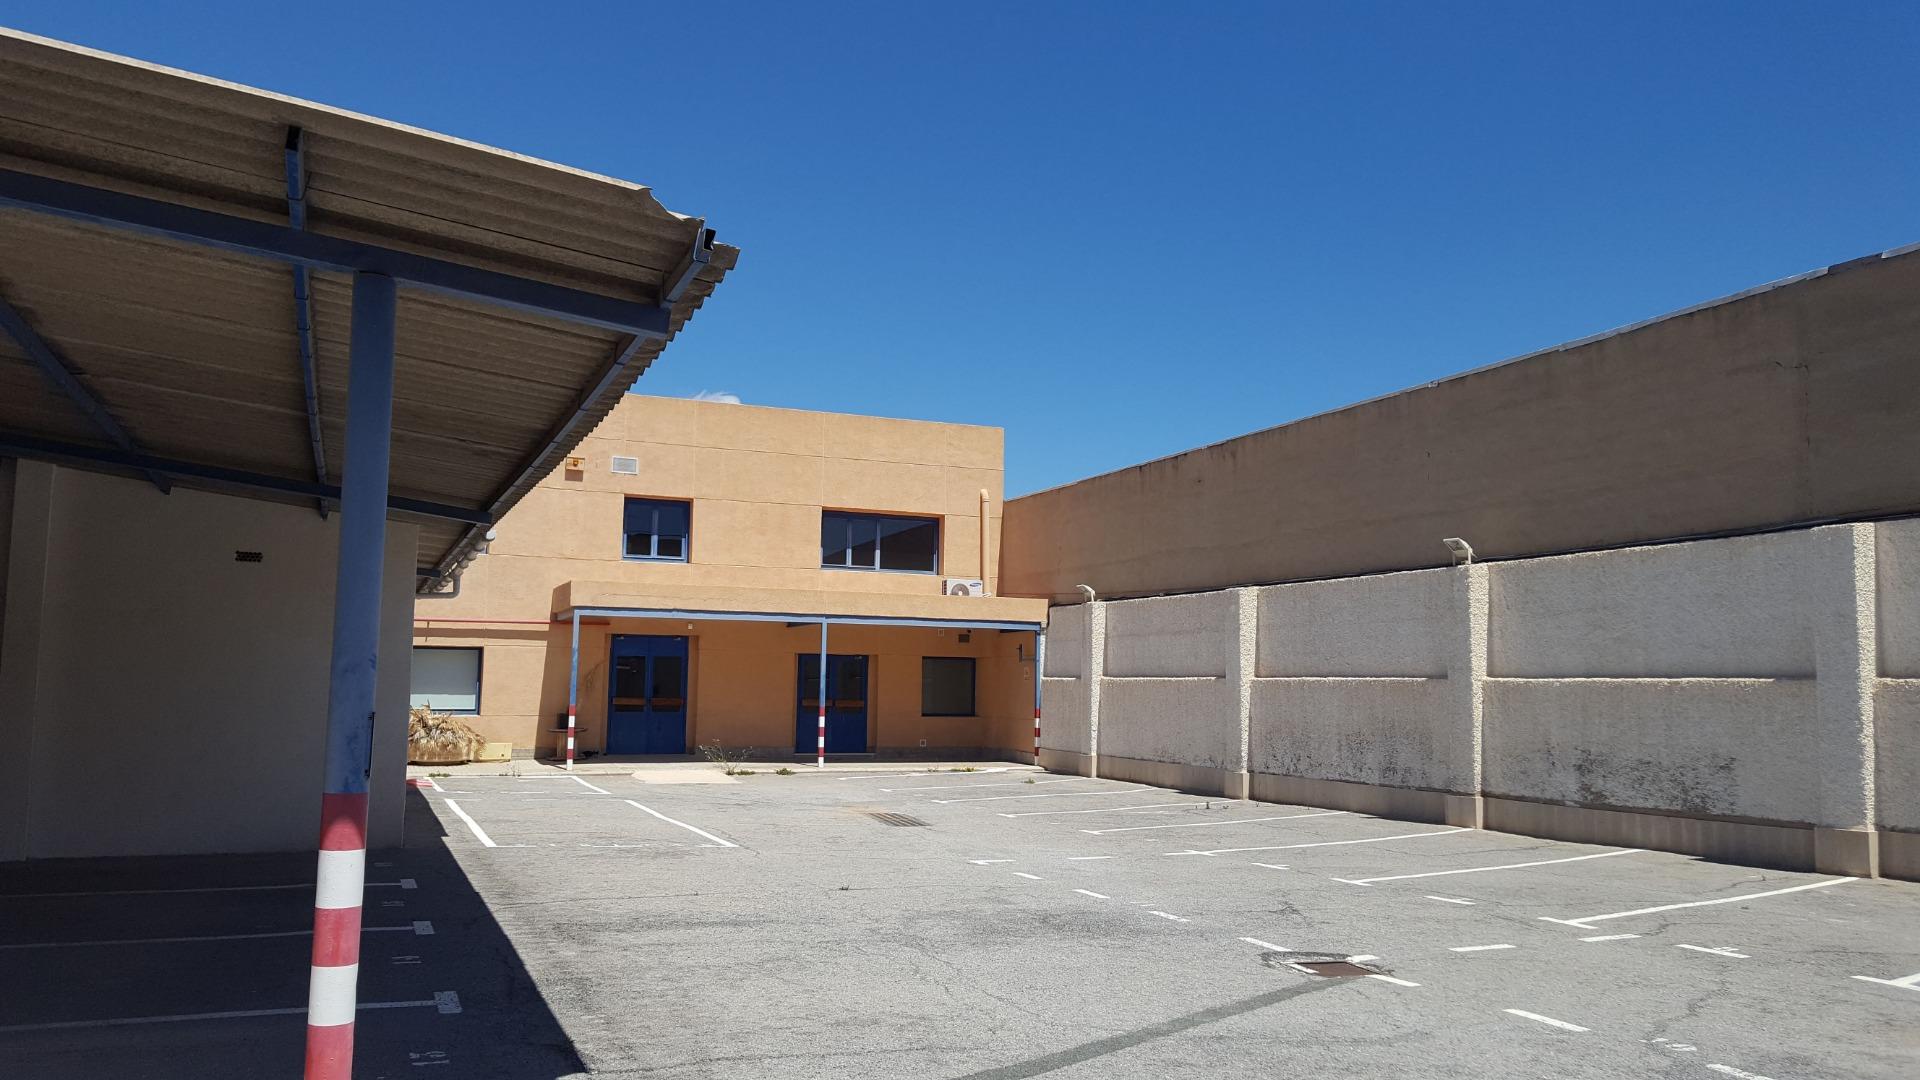 Affitto Edificio  Pol.ind. divina pastora, san vicente universidad, Alicante, espa